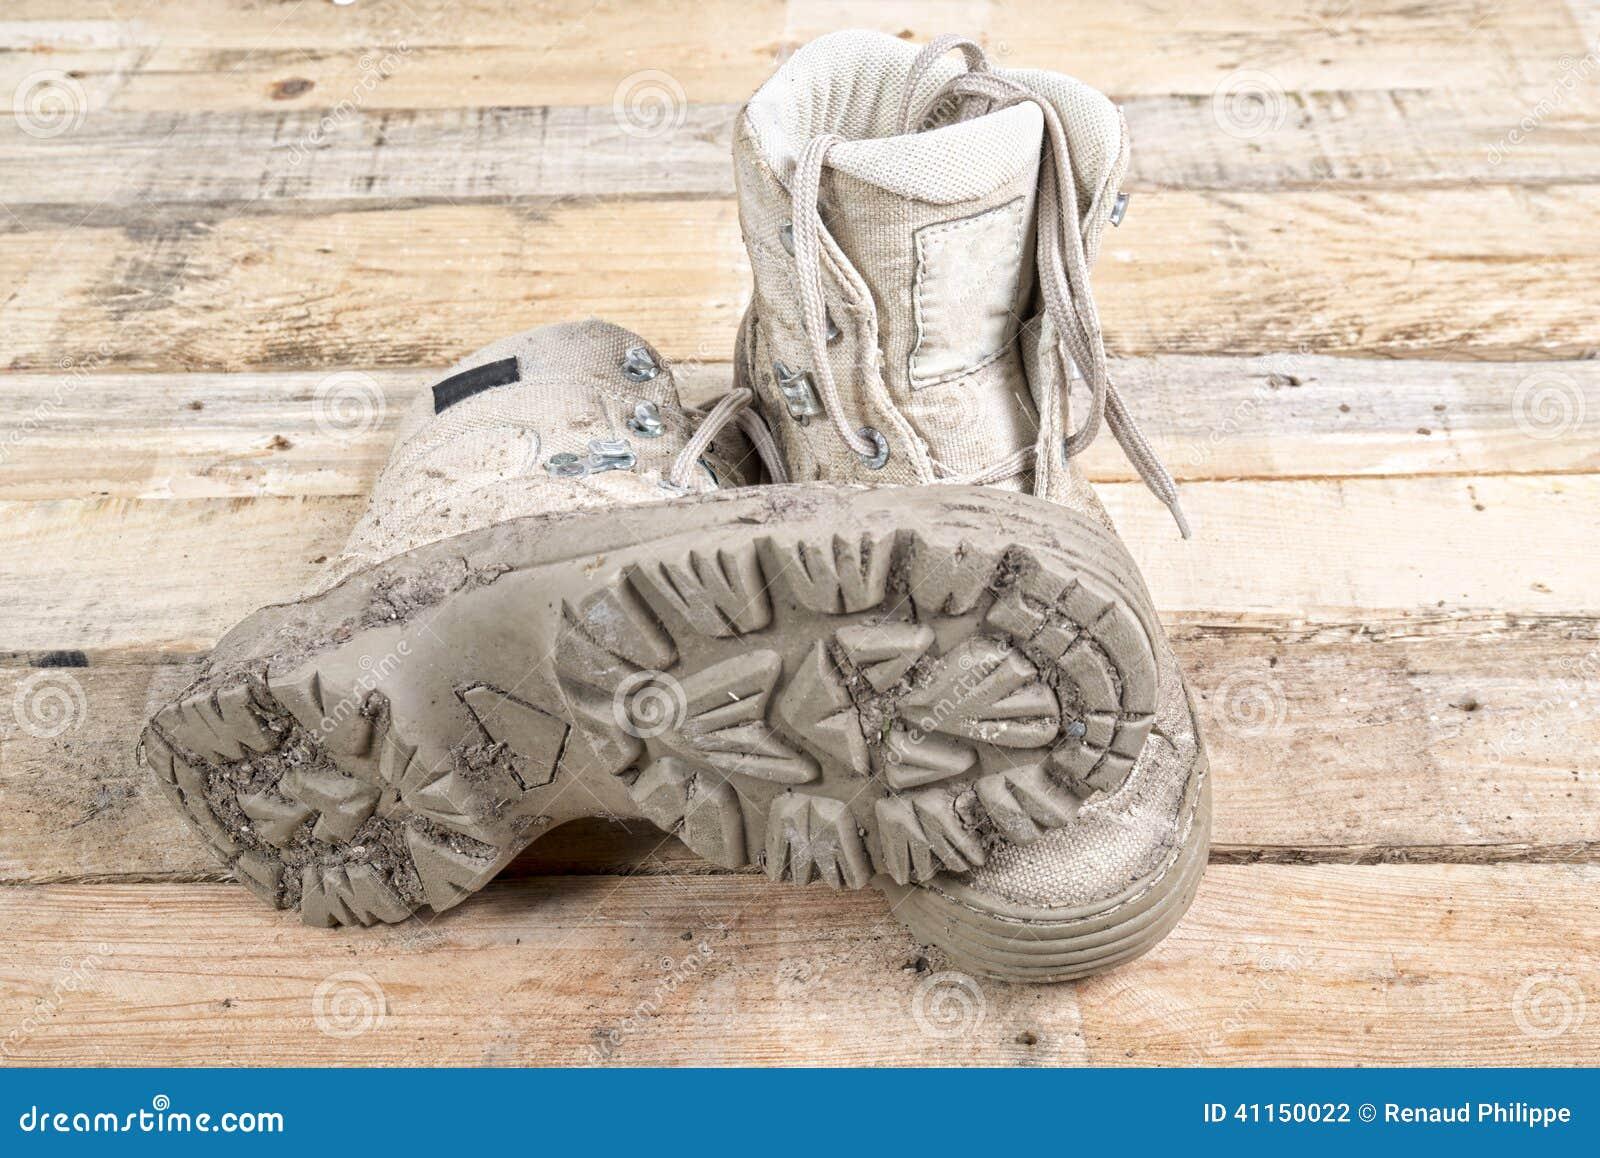 Wandern Schmutzige Schuhe Stockfoto und mehr Bilder von Alt